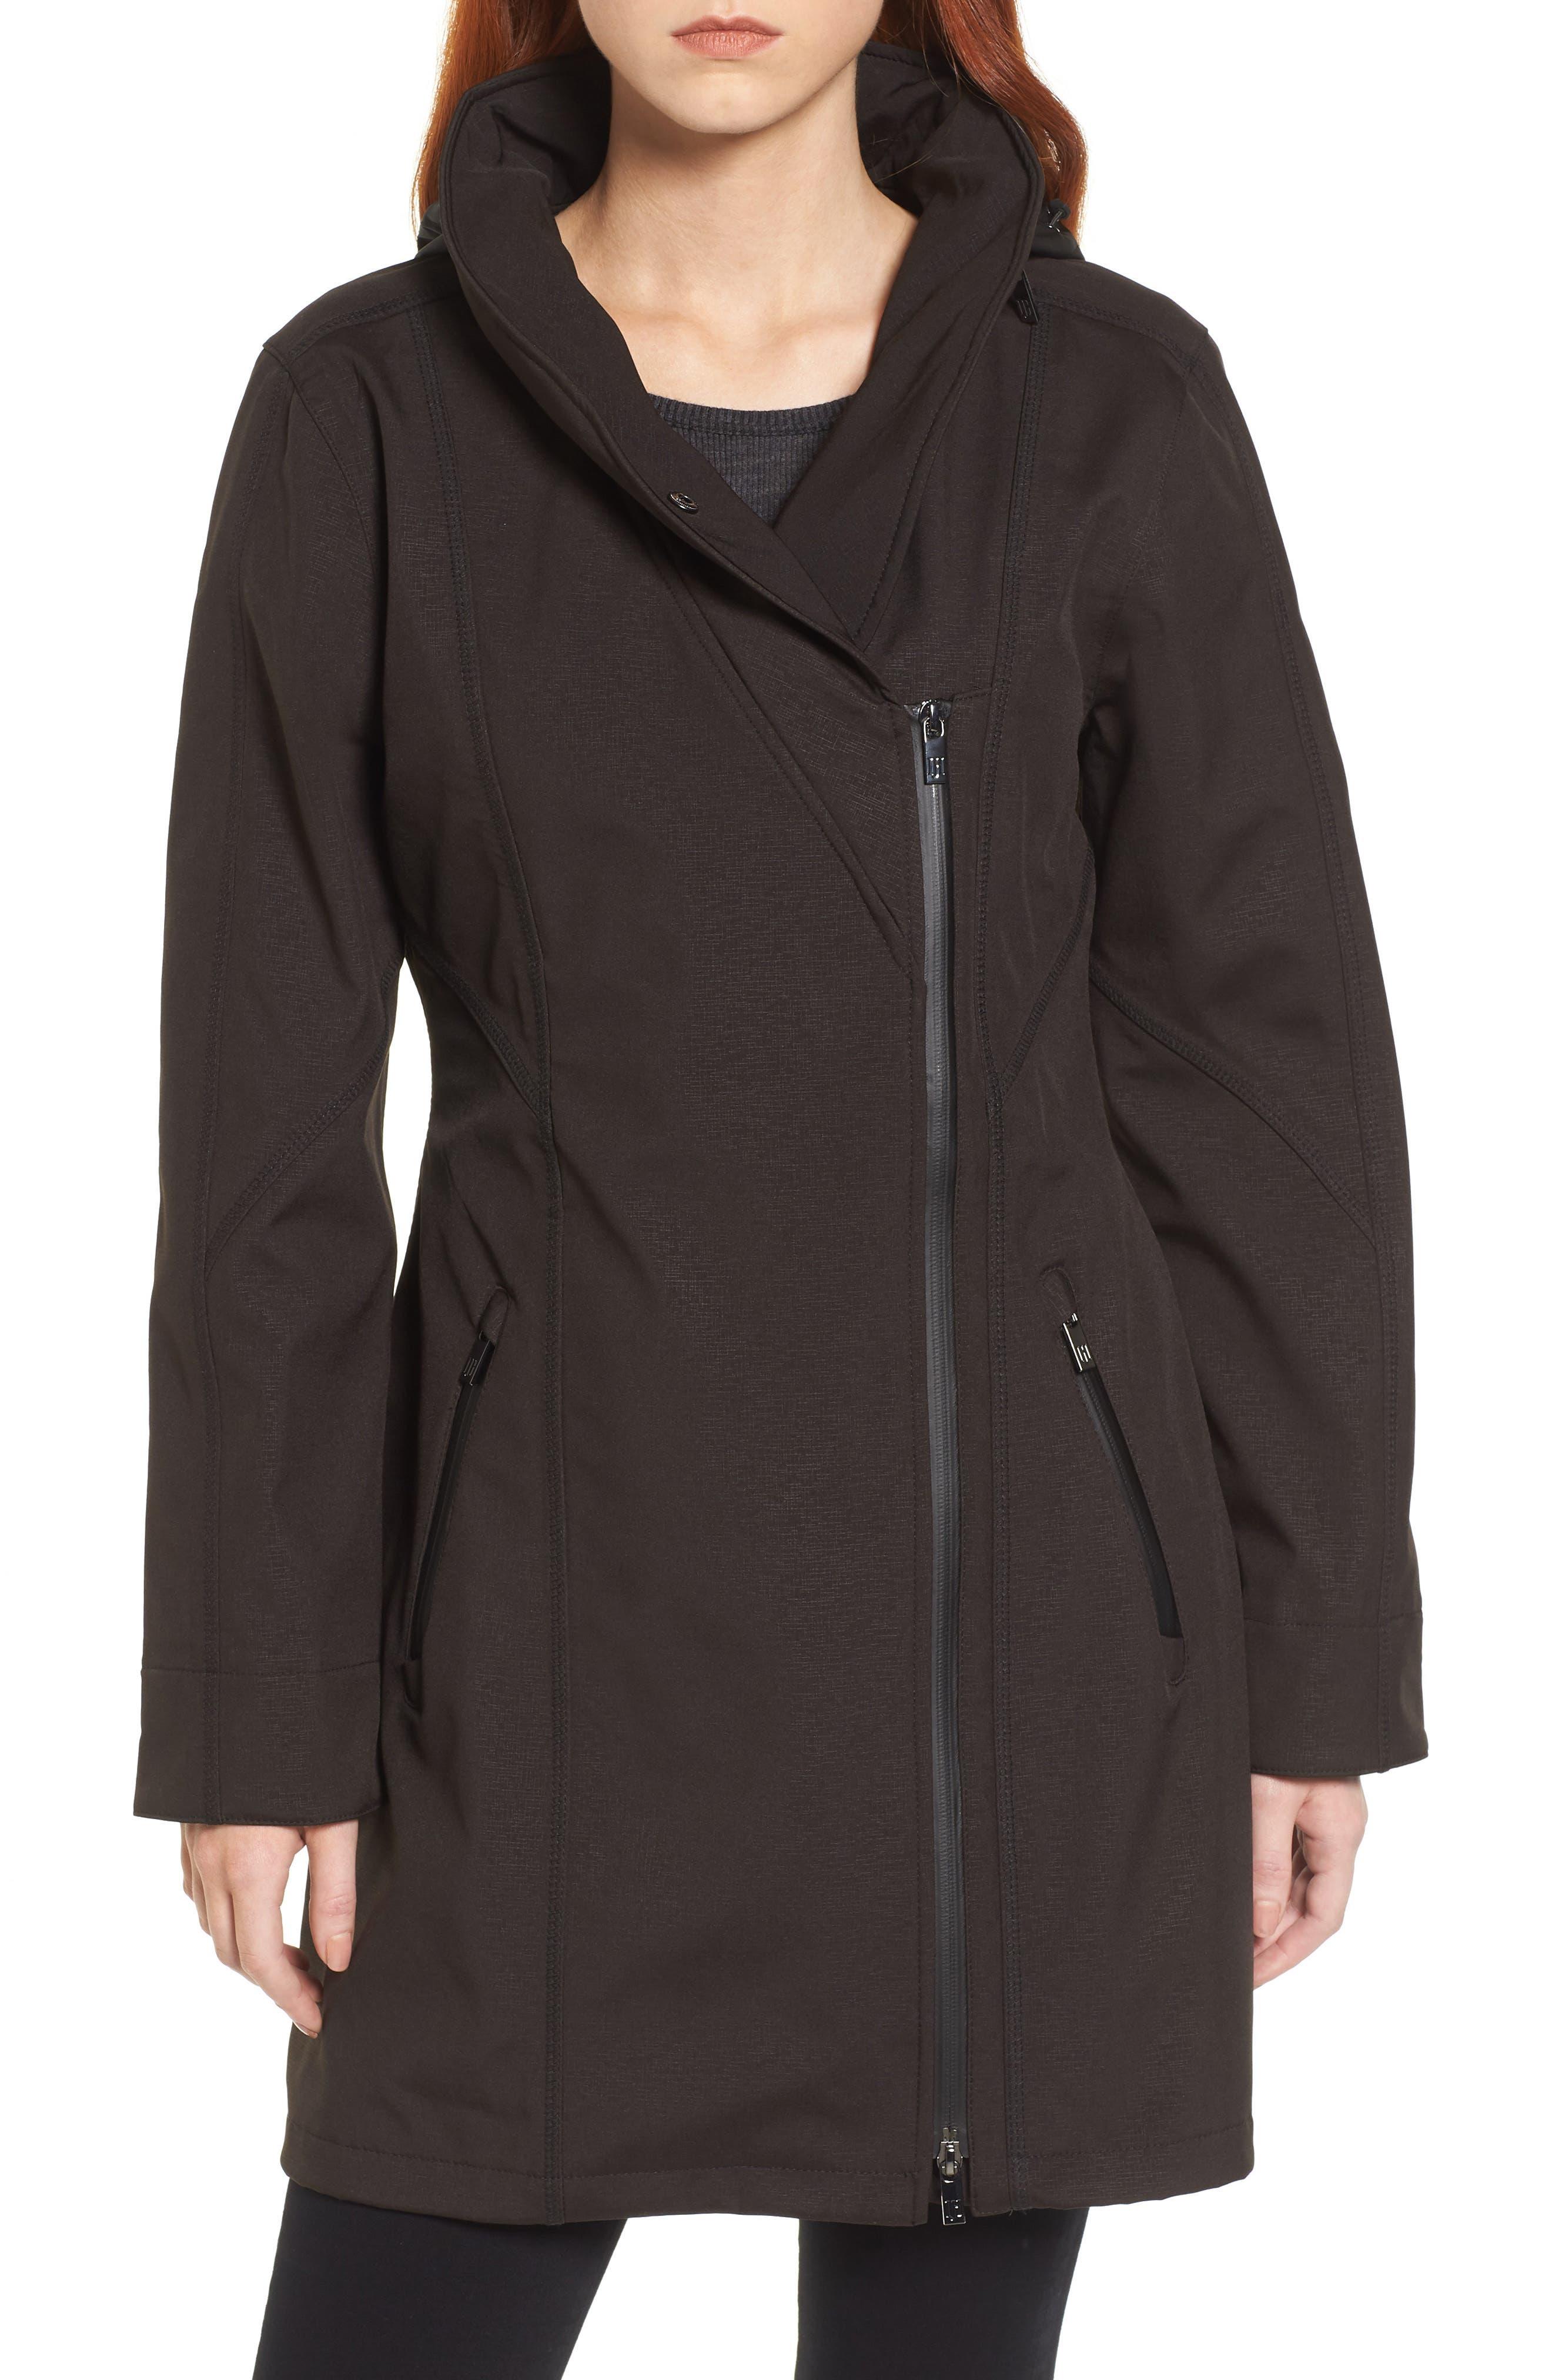 Ilse Jacobsen Hornbaek Soft Shell Raincoat